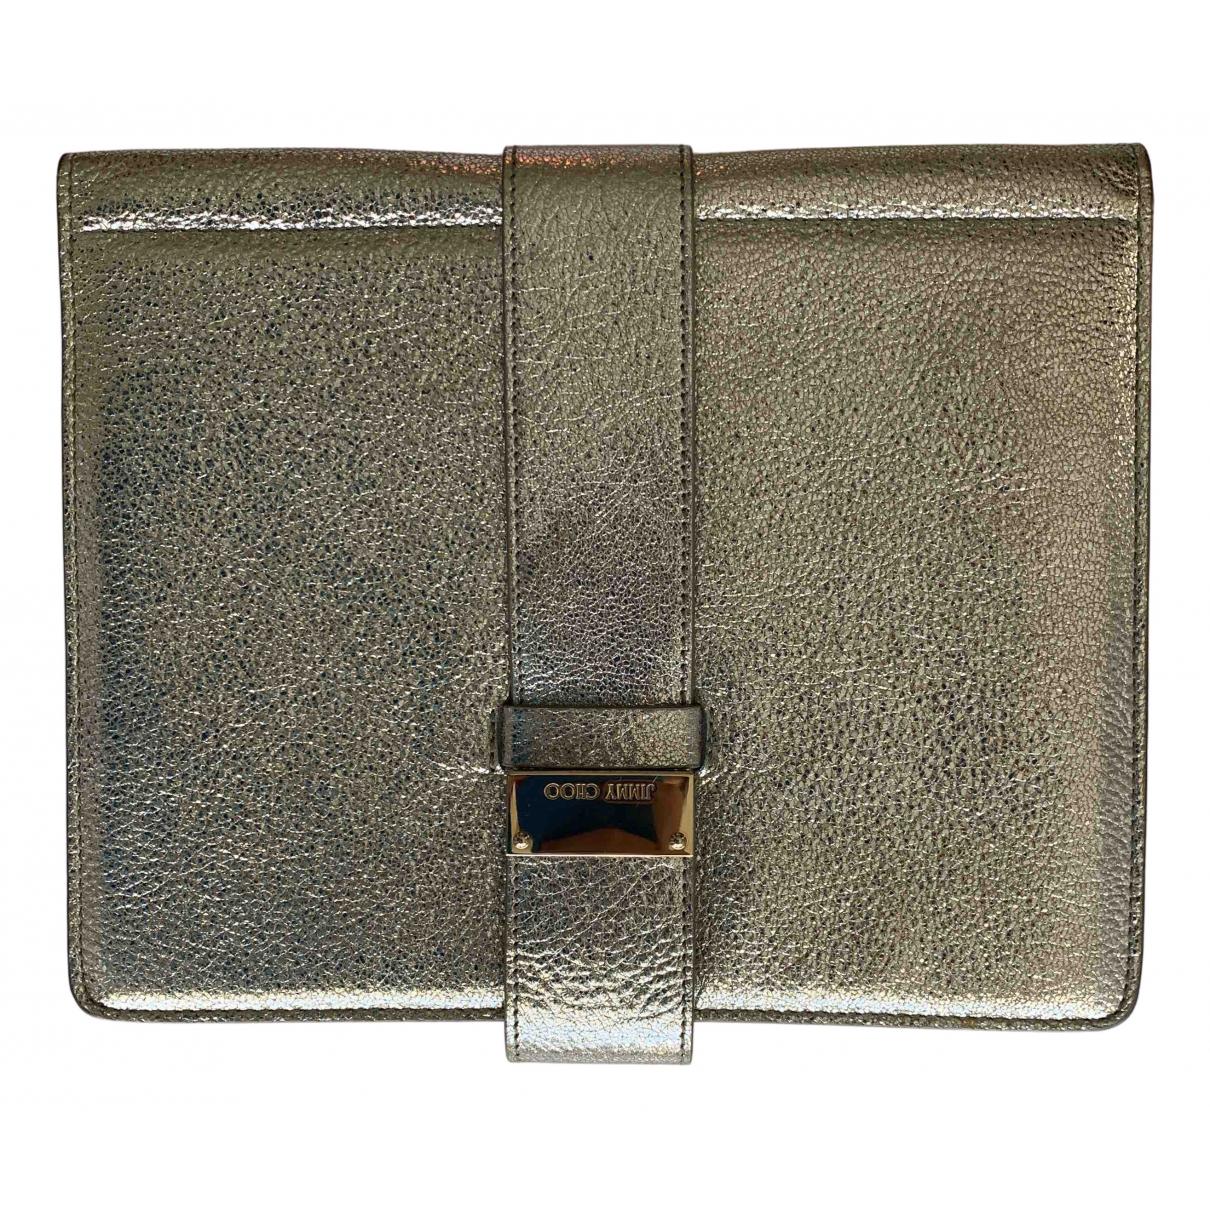 Jimmy Choo - Accessoires   pour lifestyle en cuir - argente